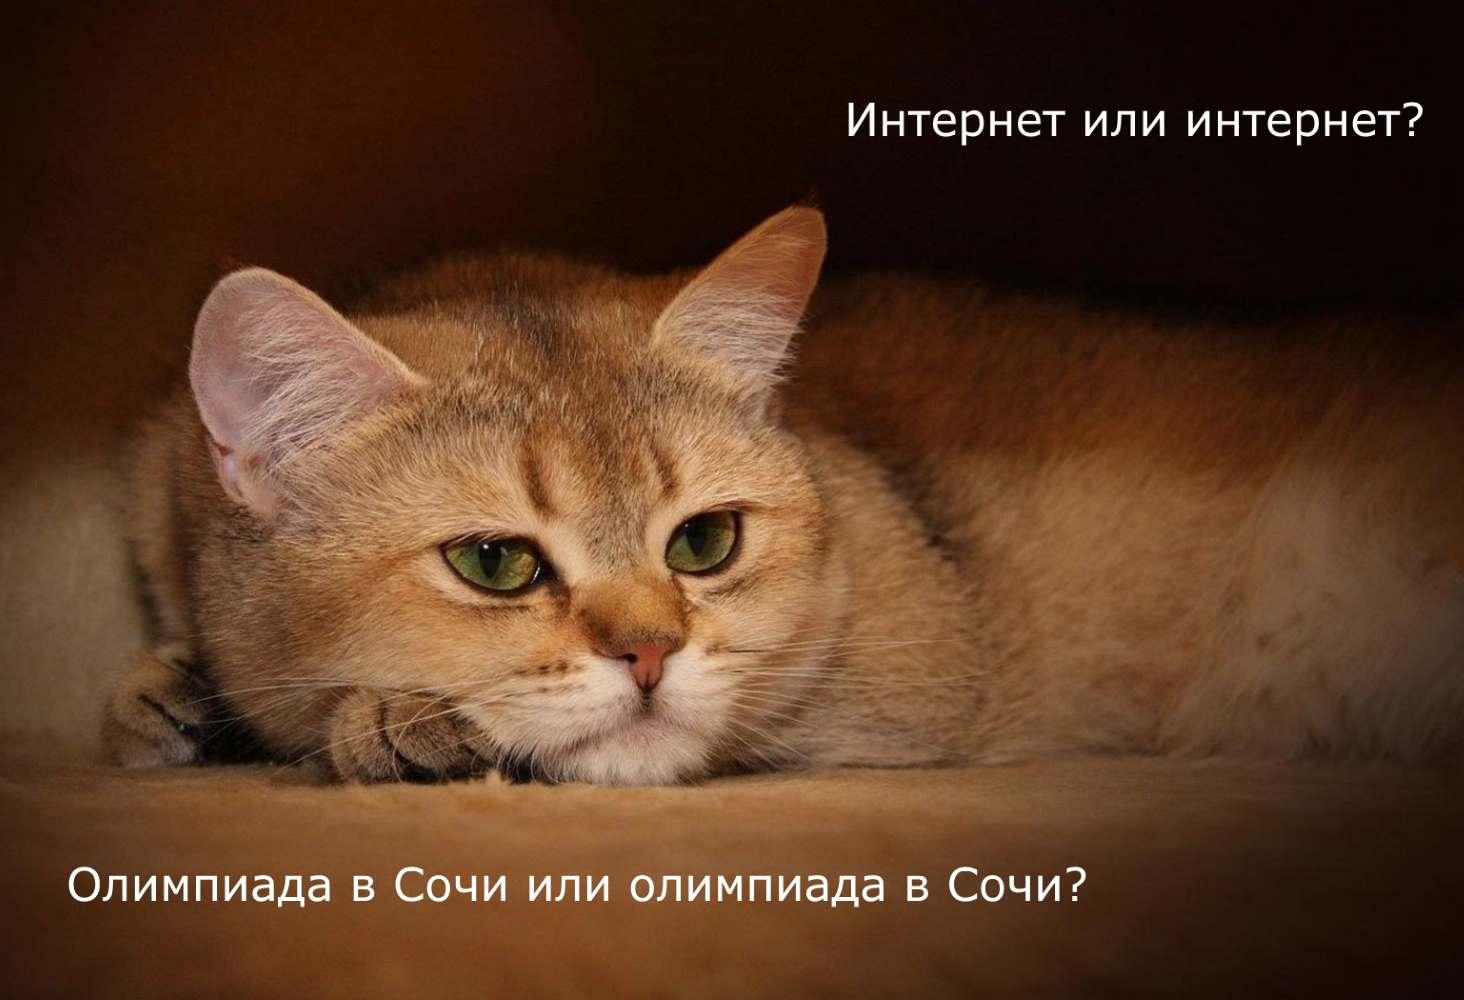 test-kakie-iz-etih-slov-pishutsya-s-bolshoj-bukvy